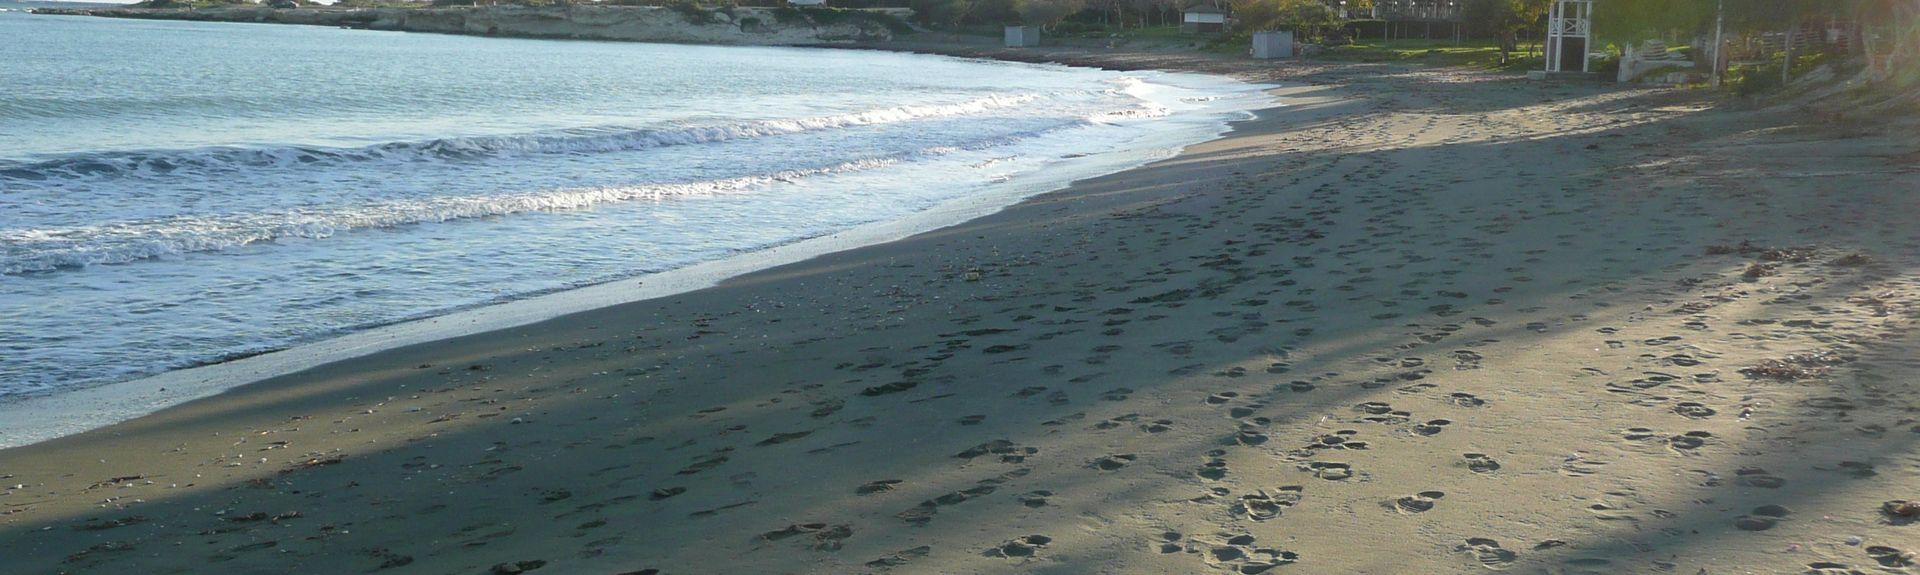 Kalavasos, Dystrykt Larnaka, Cypr